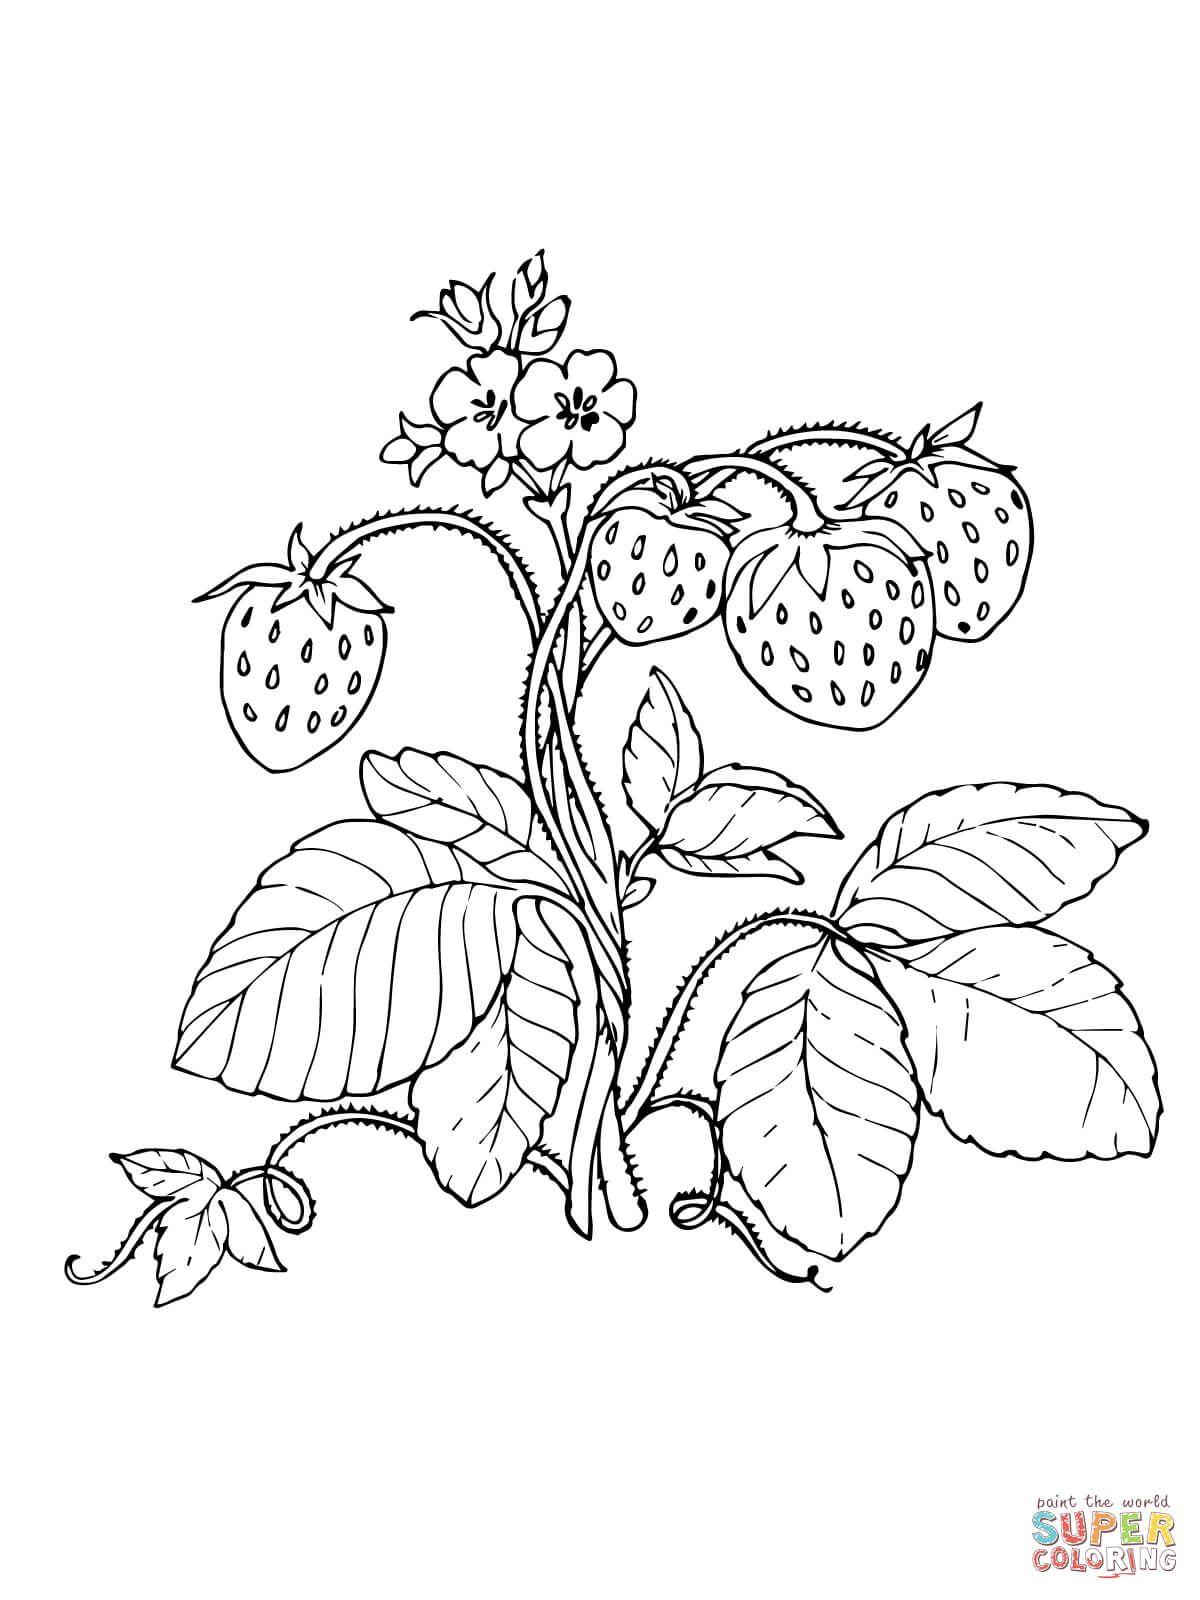 Bildergebnis Fur Malvorlage Erdbeere Malvorlagen Kostenlose Ausmalbilder Erdbeeren